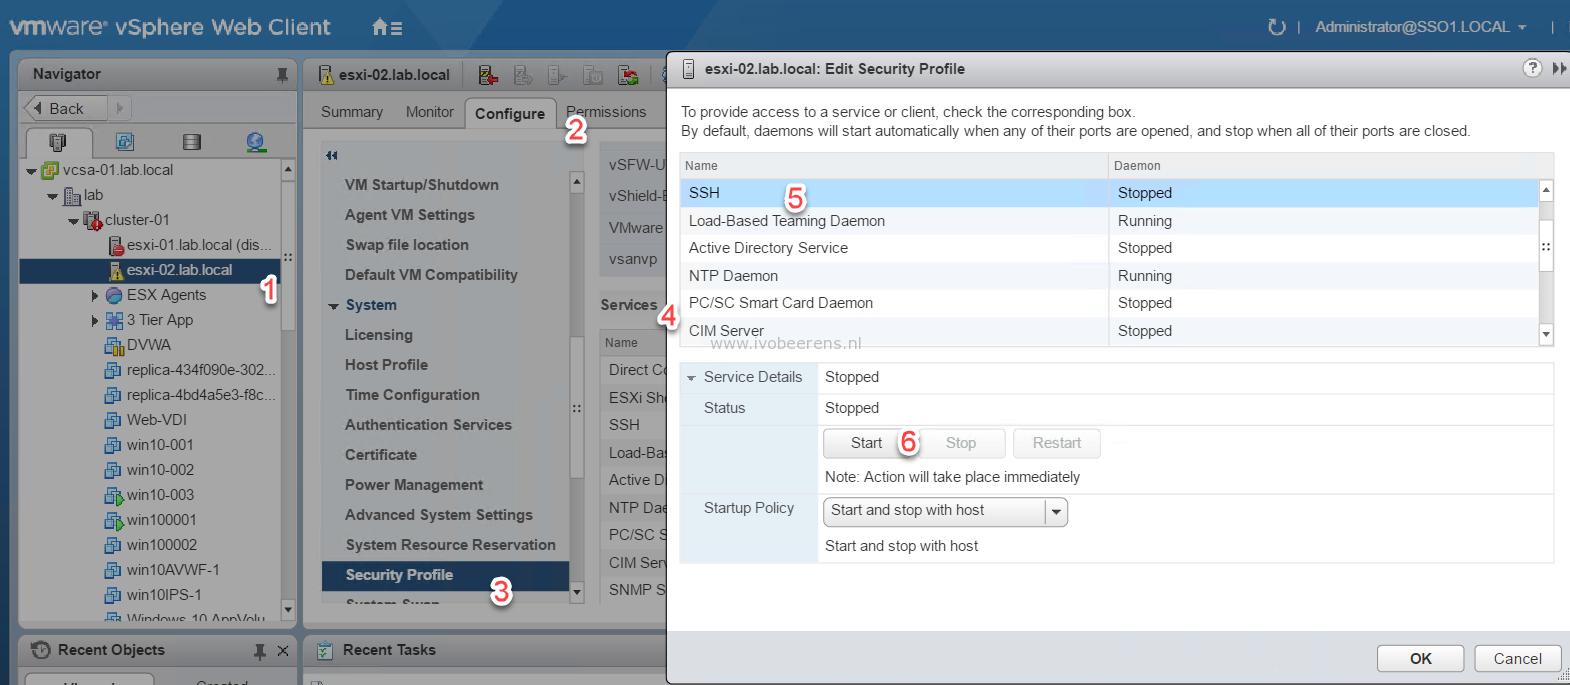 Patch VMware ESXi hosts by command line - ivobeerens nl